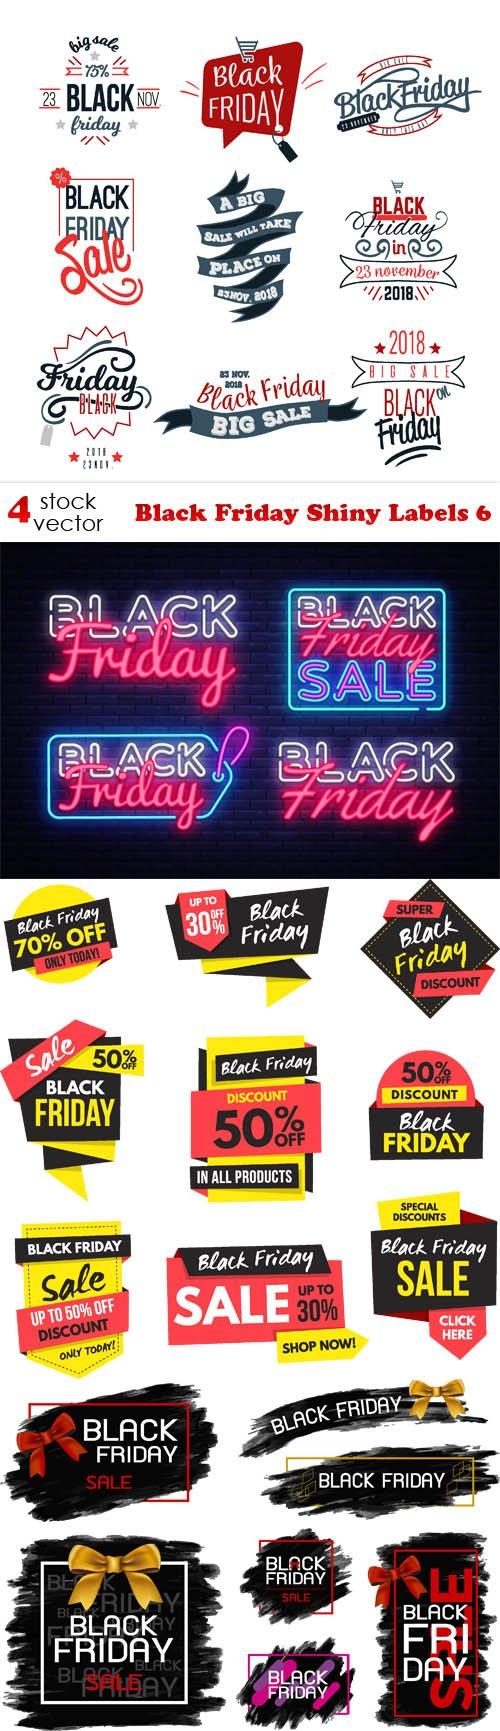 Vectors - Black Friday Shiny Labels 6